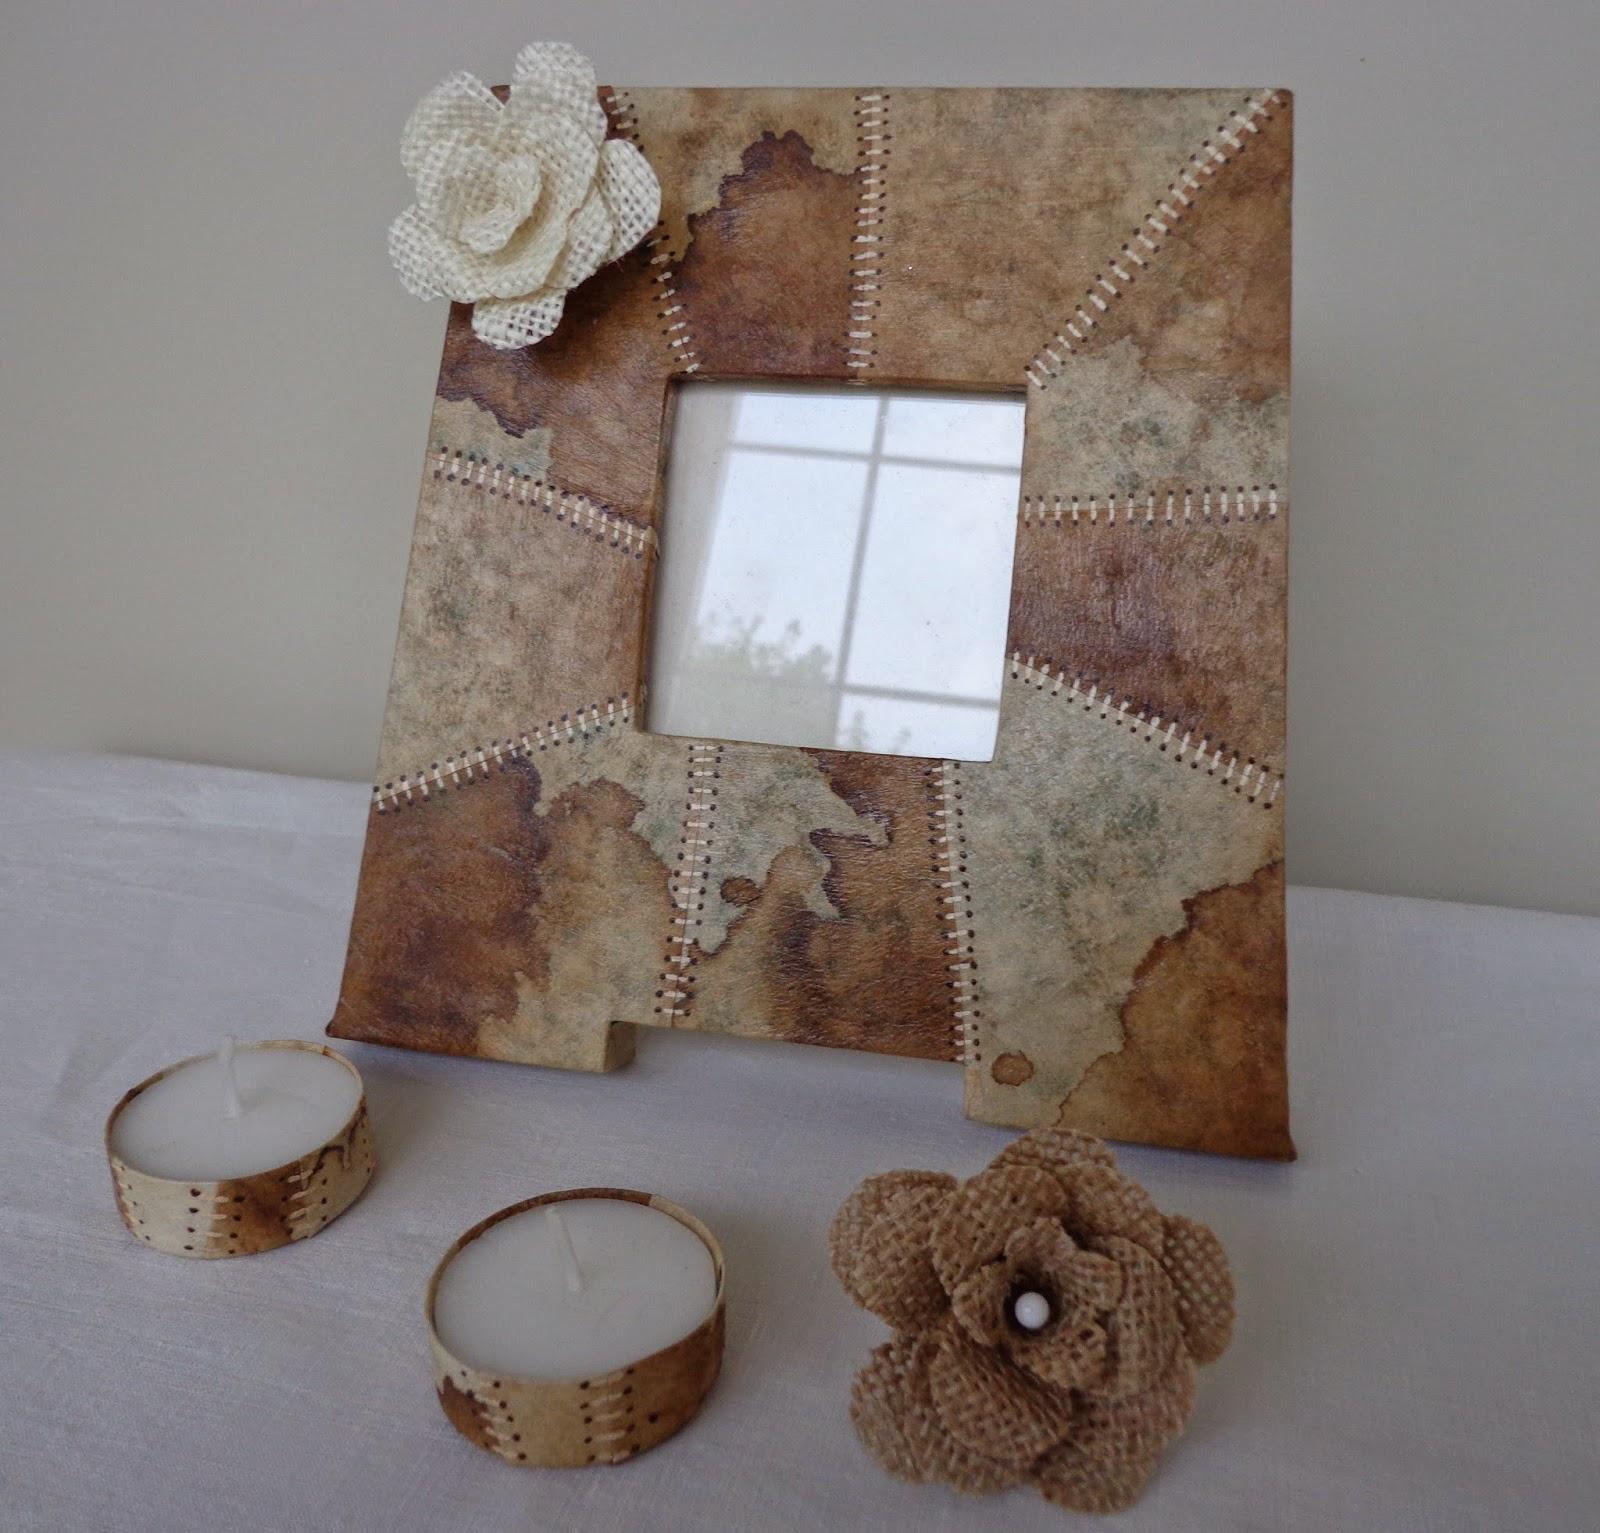 Portafotos con filtros de café y Tutorial flor de arpillera   Entre ...